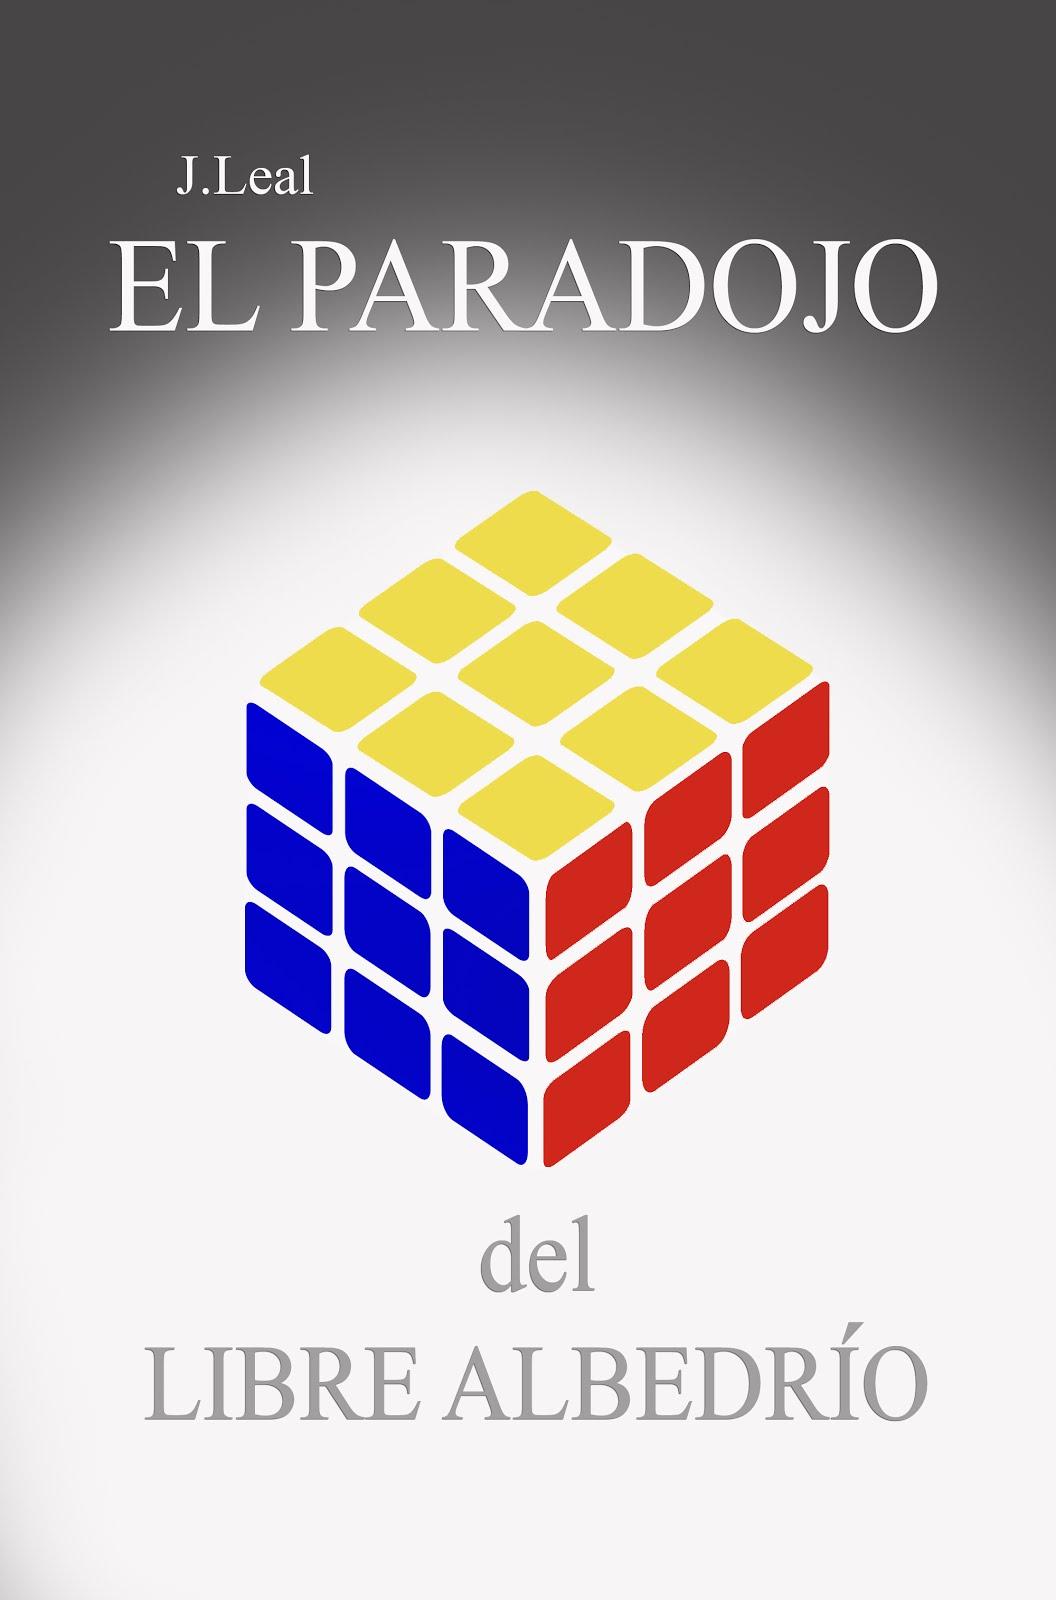 cfa14f207 J. Leal - EL PARADOJO DEL LIBRE ALBEDRÍO (Versión en español) ~ D3 G ...